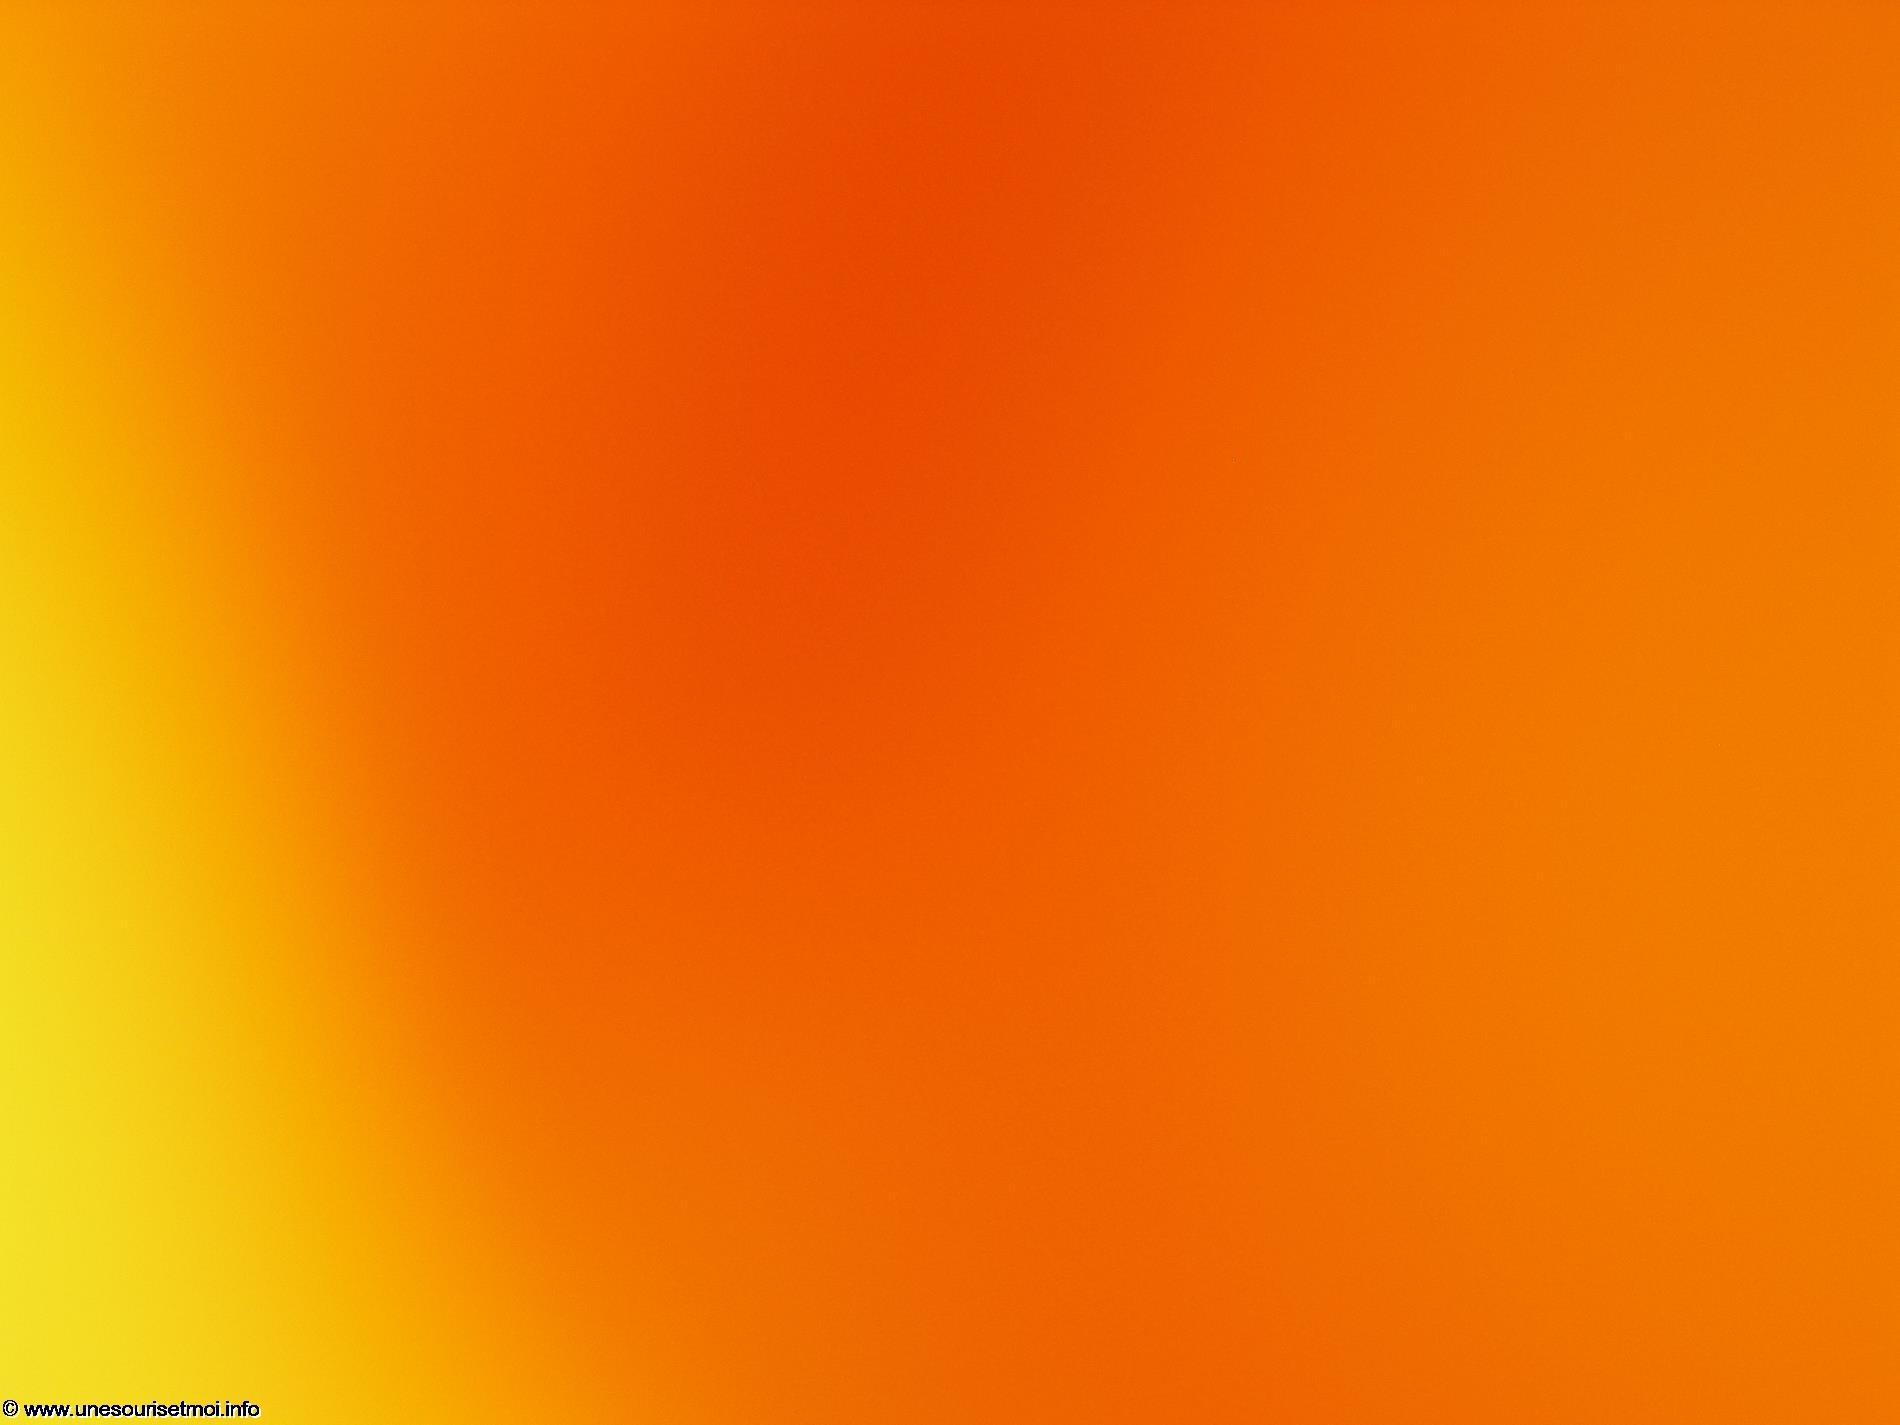 photographies_de_fonds-colores_et_textures-libres_gratuites_04